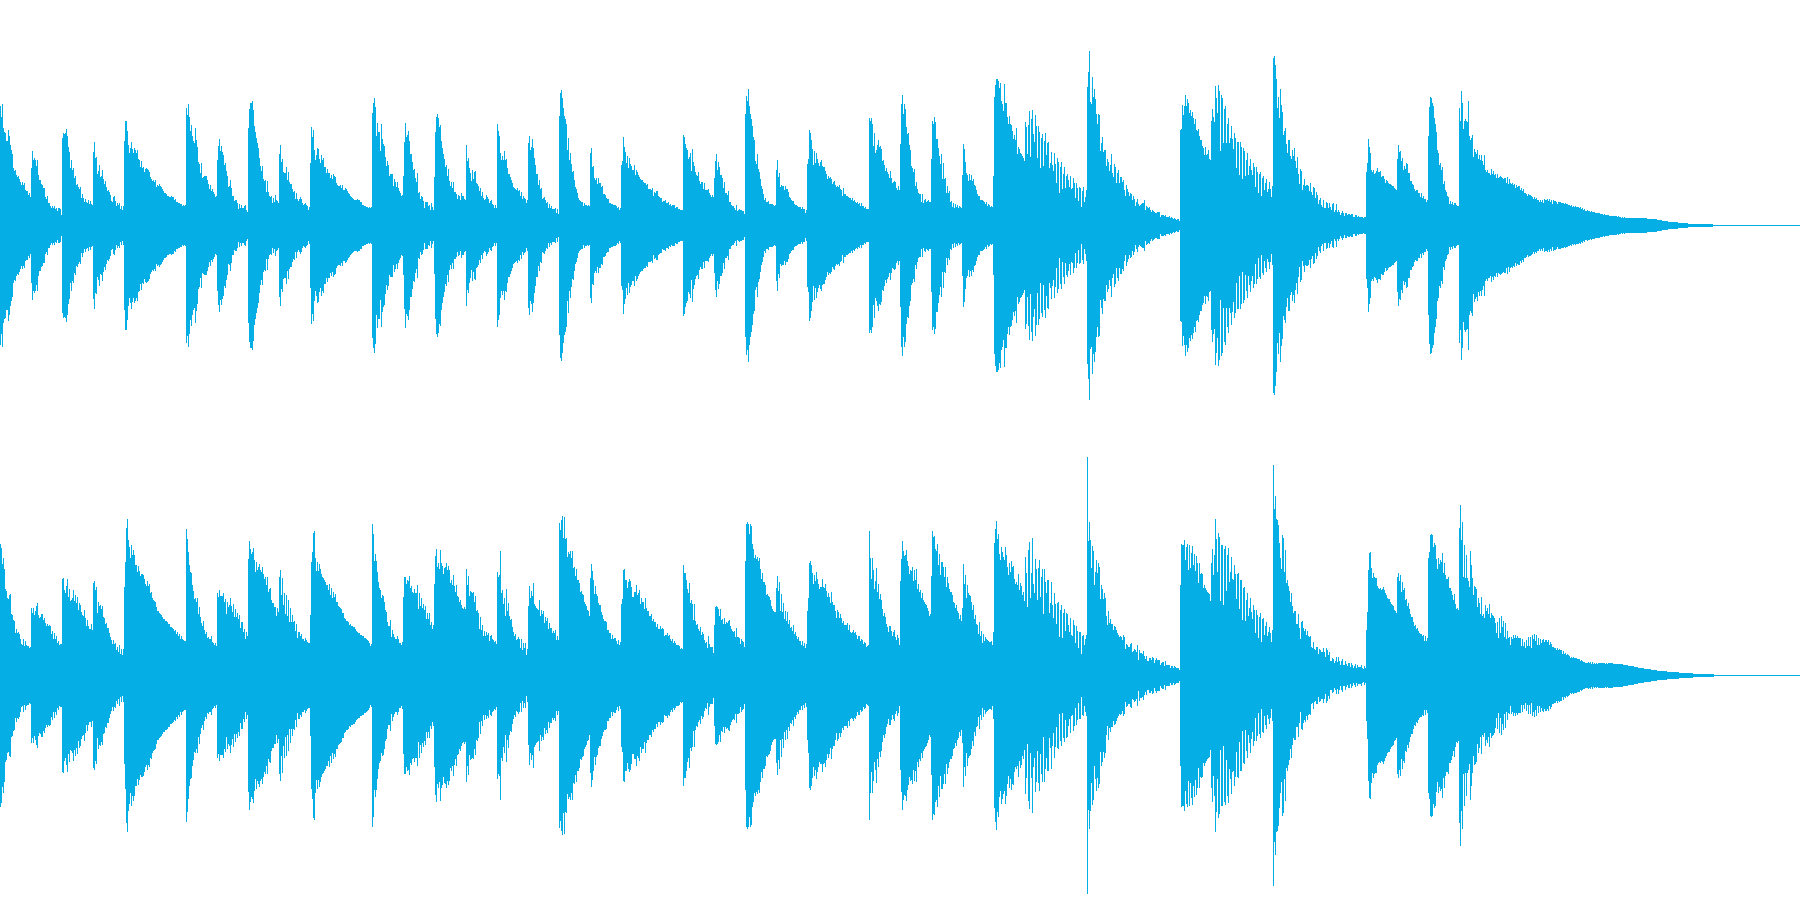 ほのぼのとしたジングルBGMの再生済みの波形